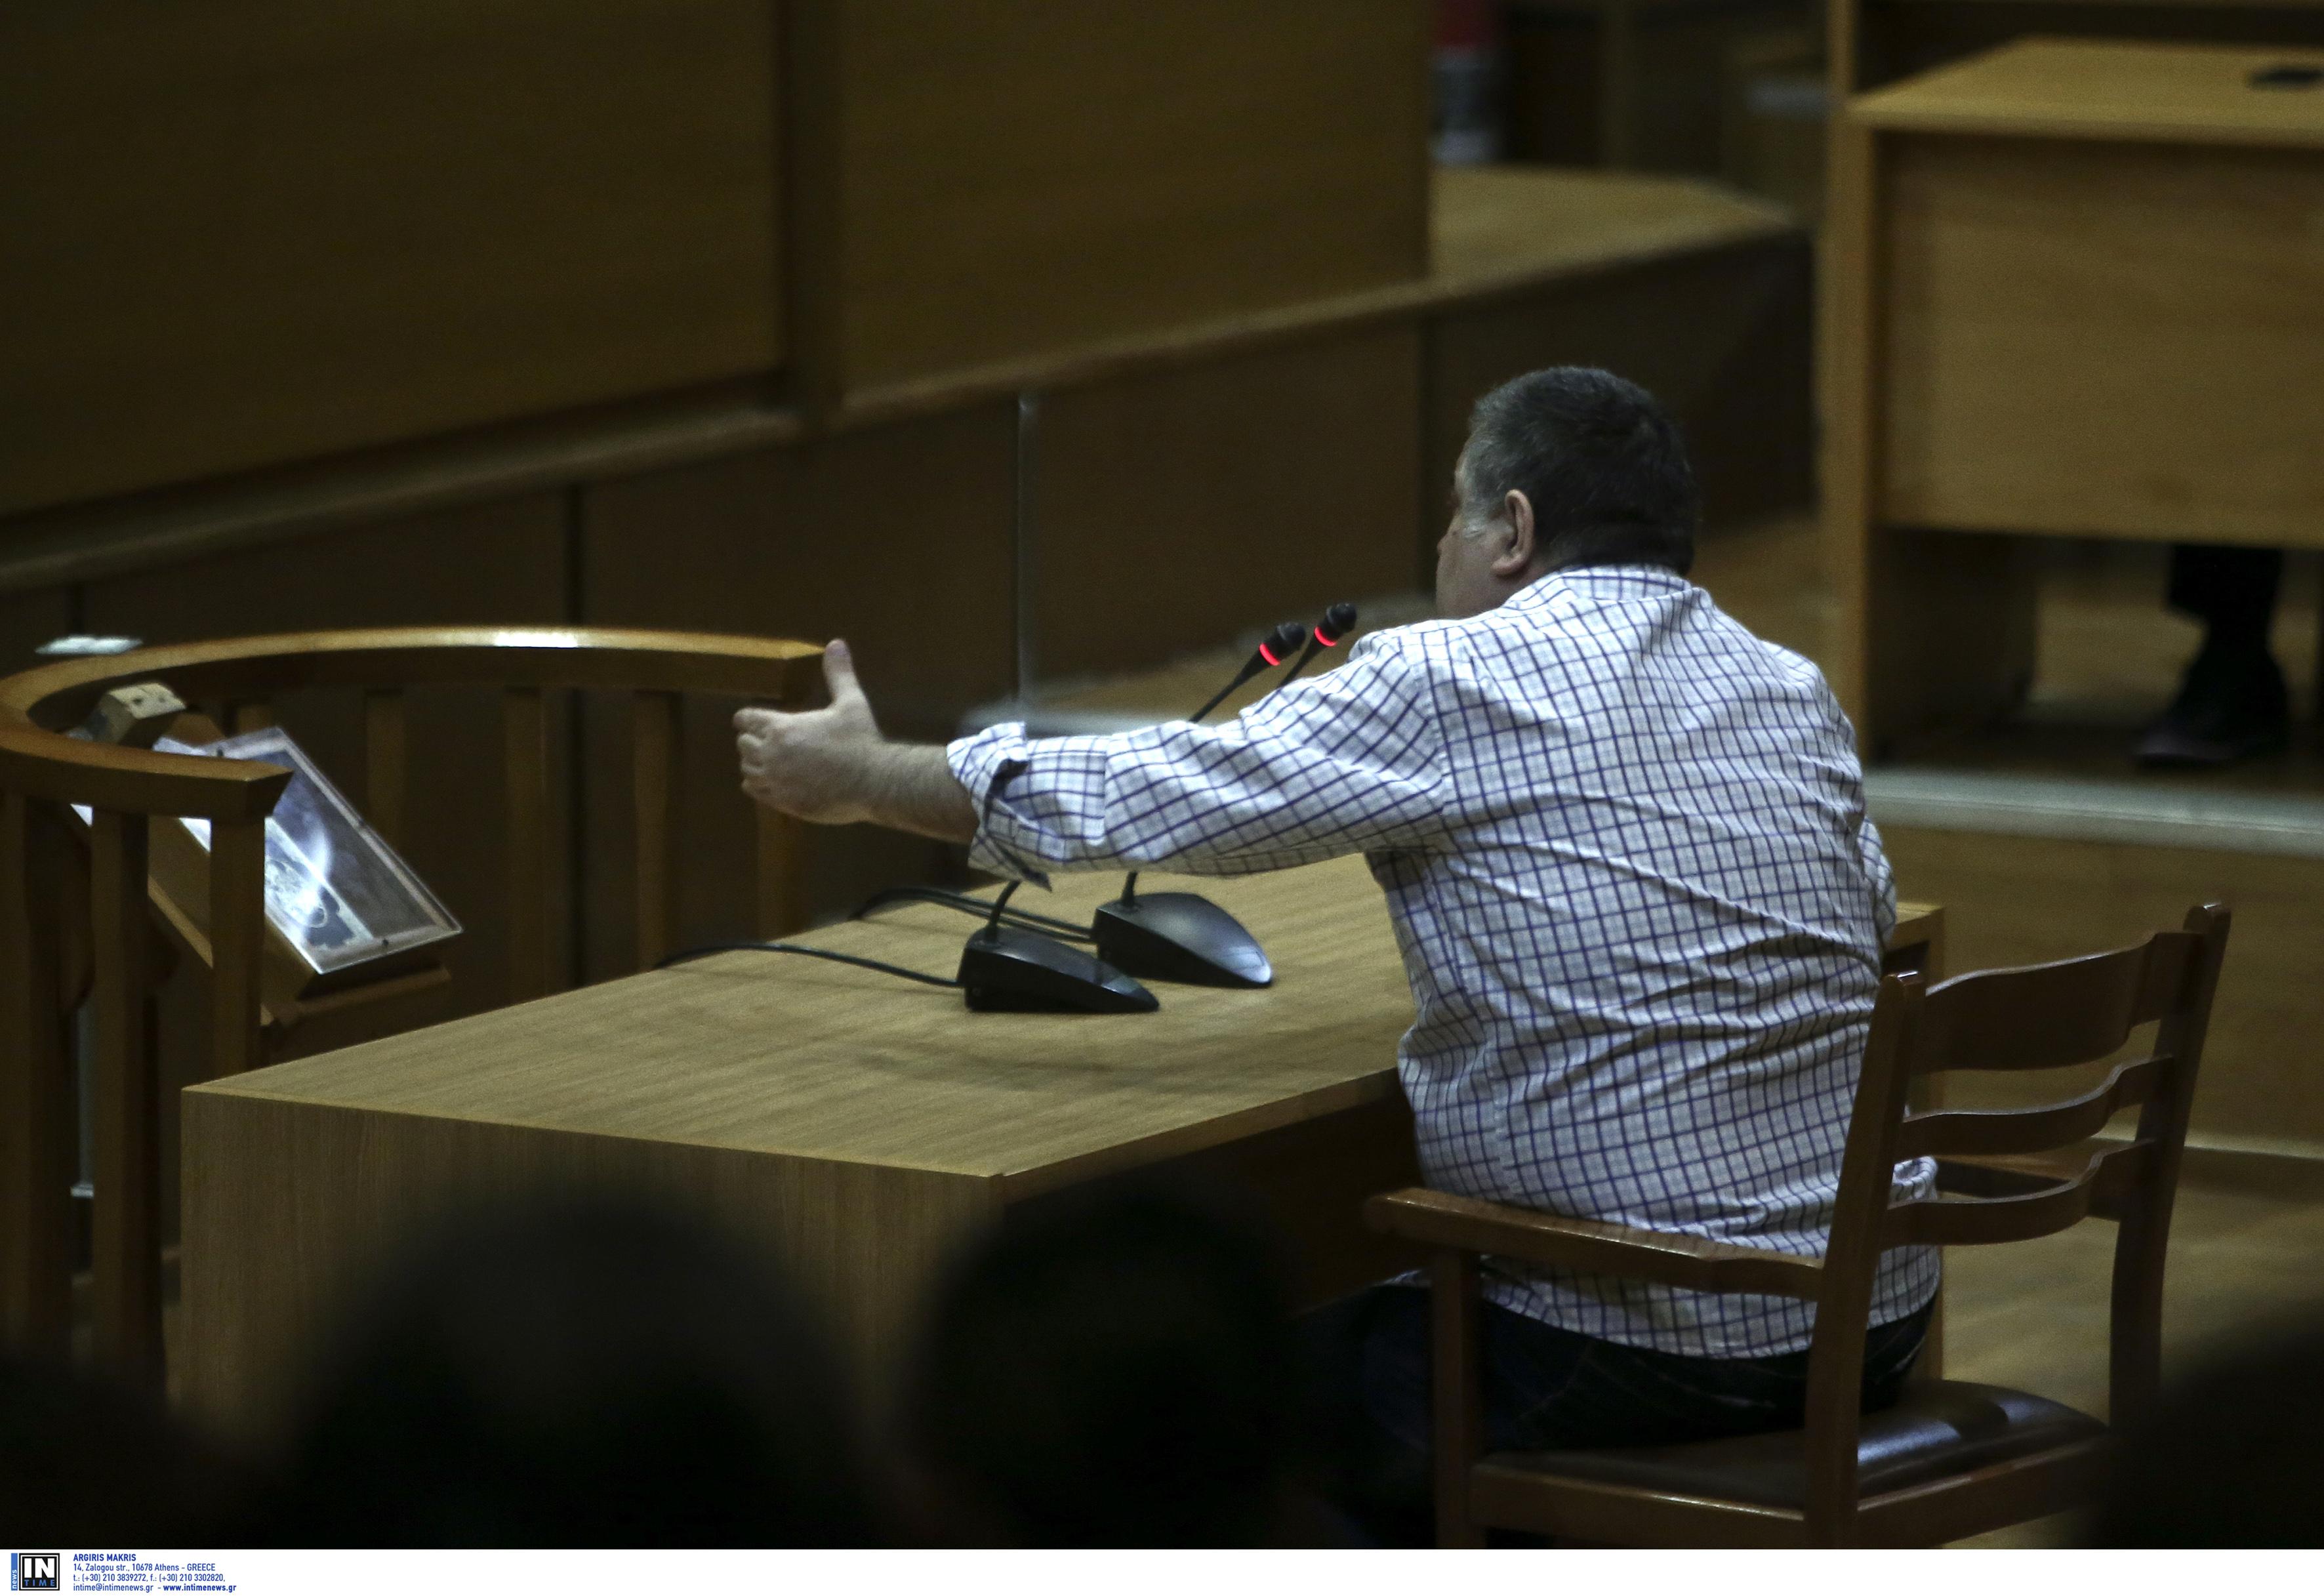 Απολογία Ρουπακιά: Ο δολοφόνος του Παύλου Φύσσα προσπάθησε να τα μαζέψει